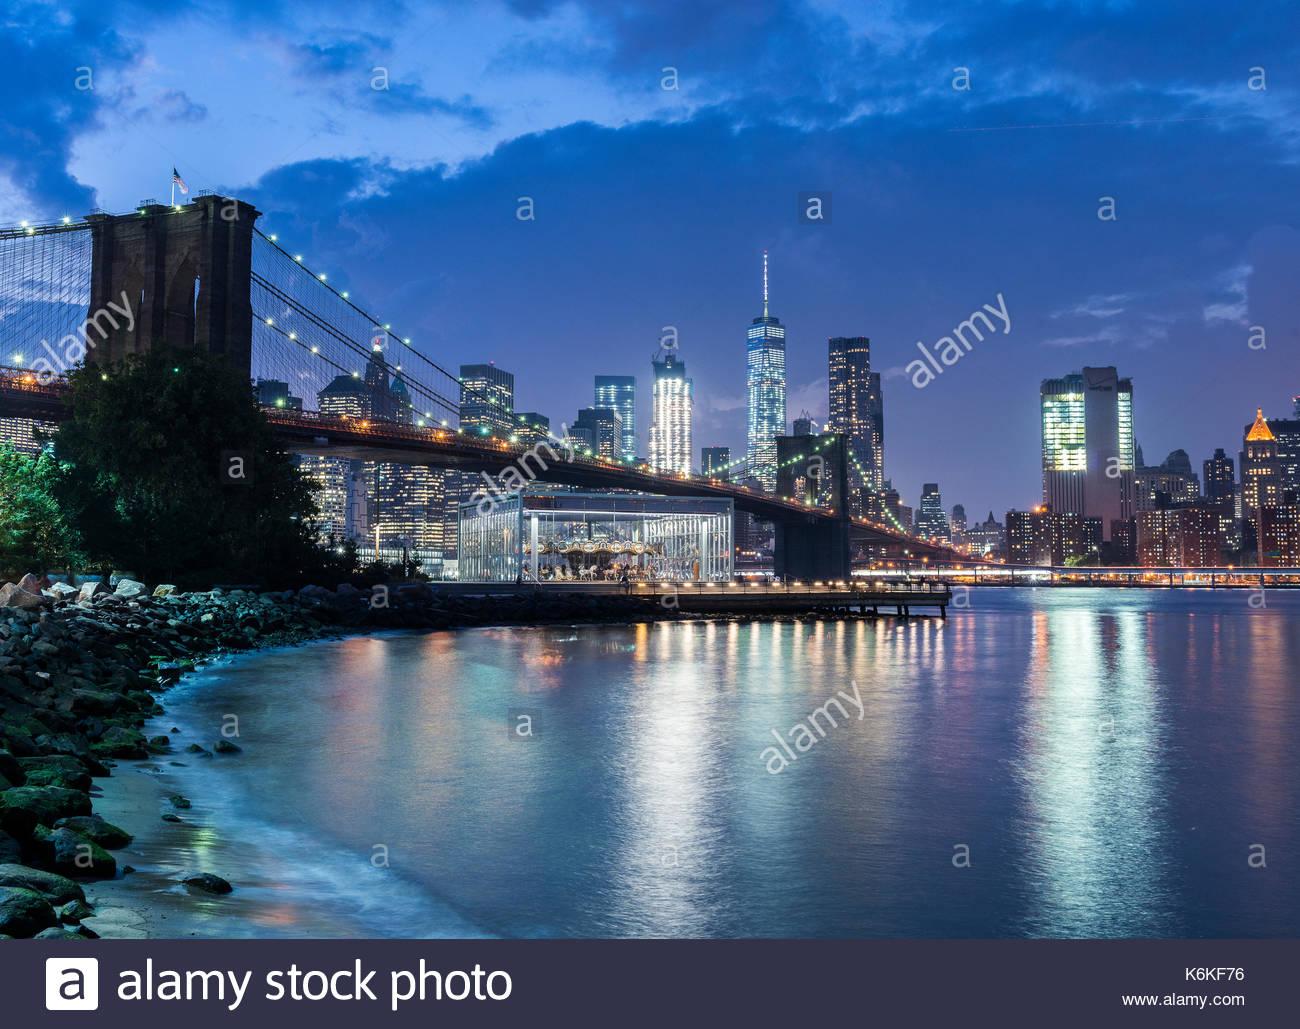 Vista de Manhattan y el Brooklyn Bridge NYC iluminado por la noche. Foto de stock